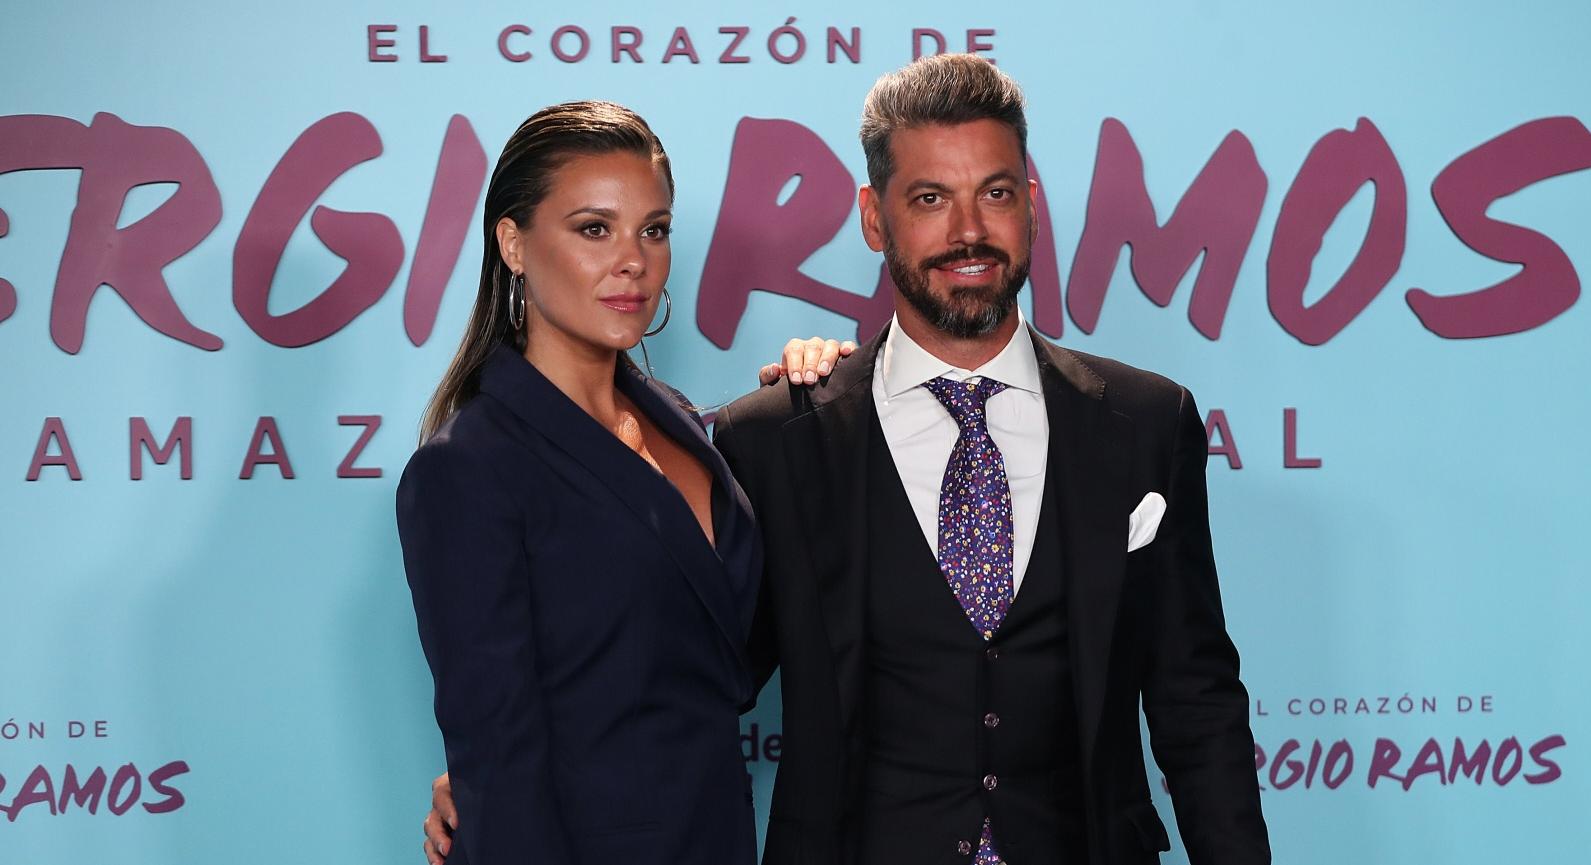 La ocurrente respuesta de Lorena Gómez al ser preguntada por sus planes de vida junto a René Ramos